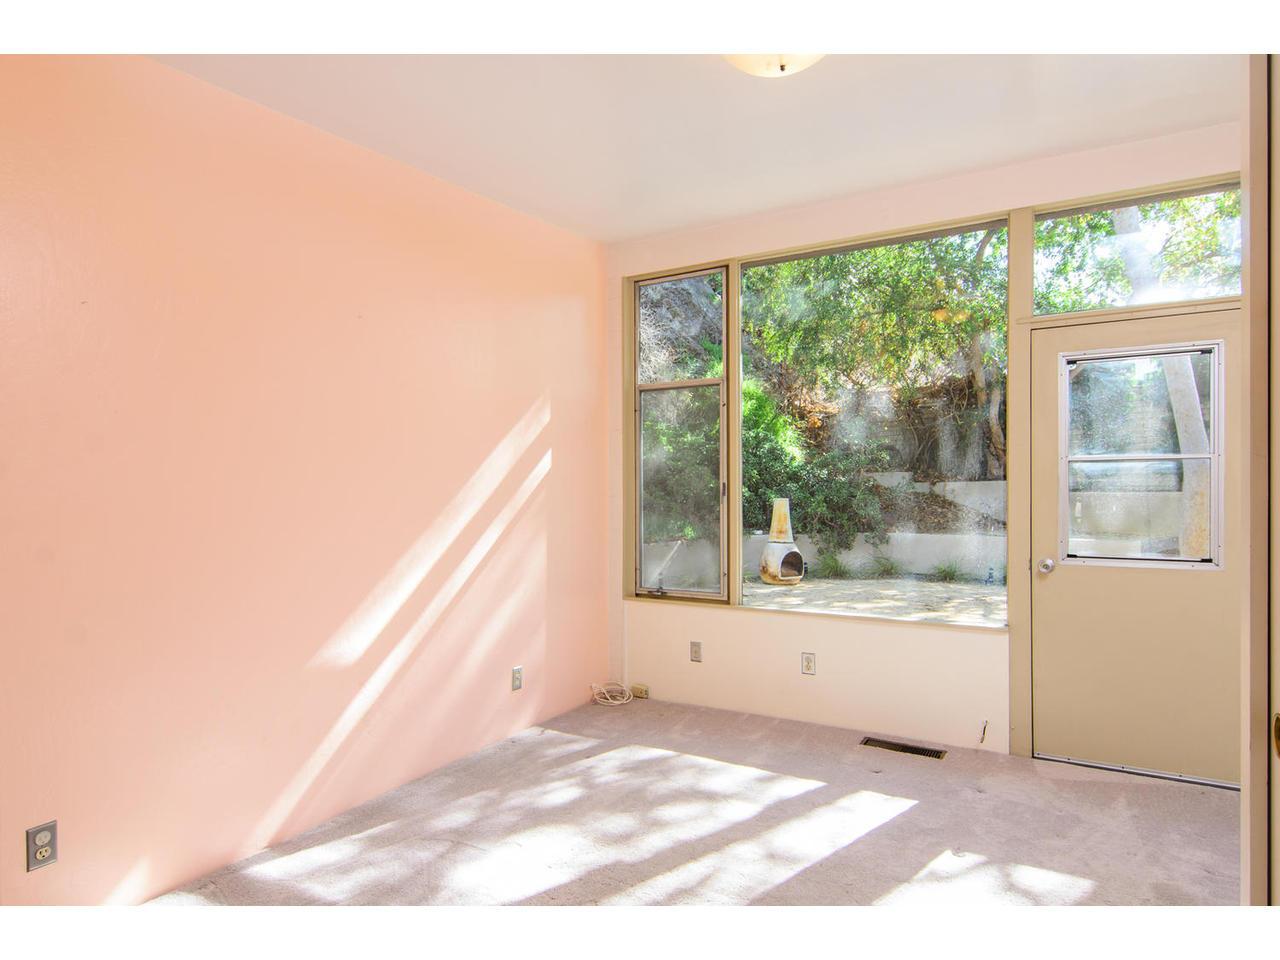 3065 Eagle St San Diego CA-MLS_Size-020-3065 Eagle Street San Diego CA-1280x960-72dpi.jpg